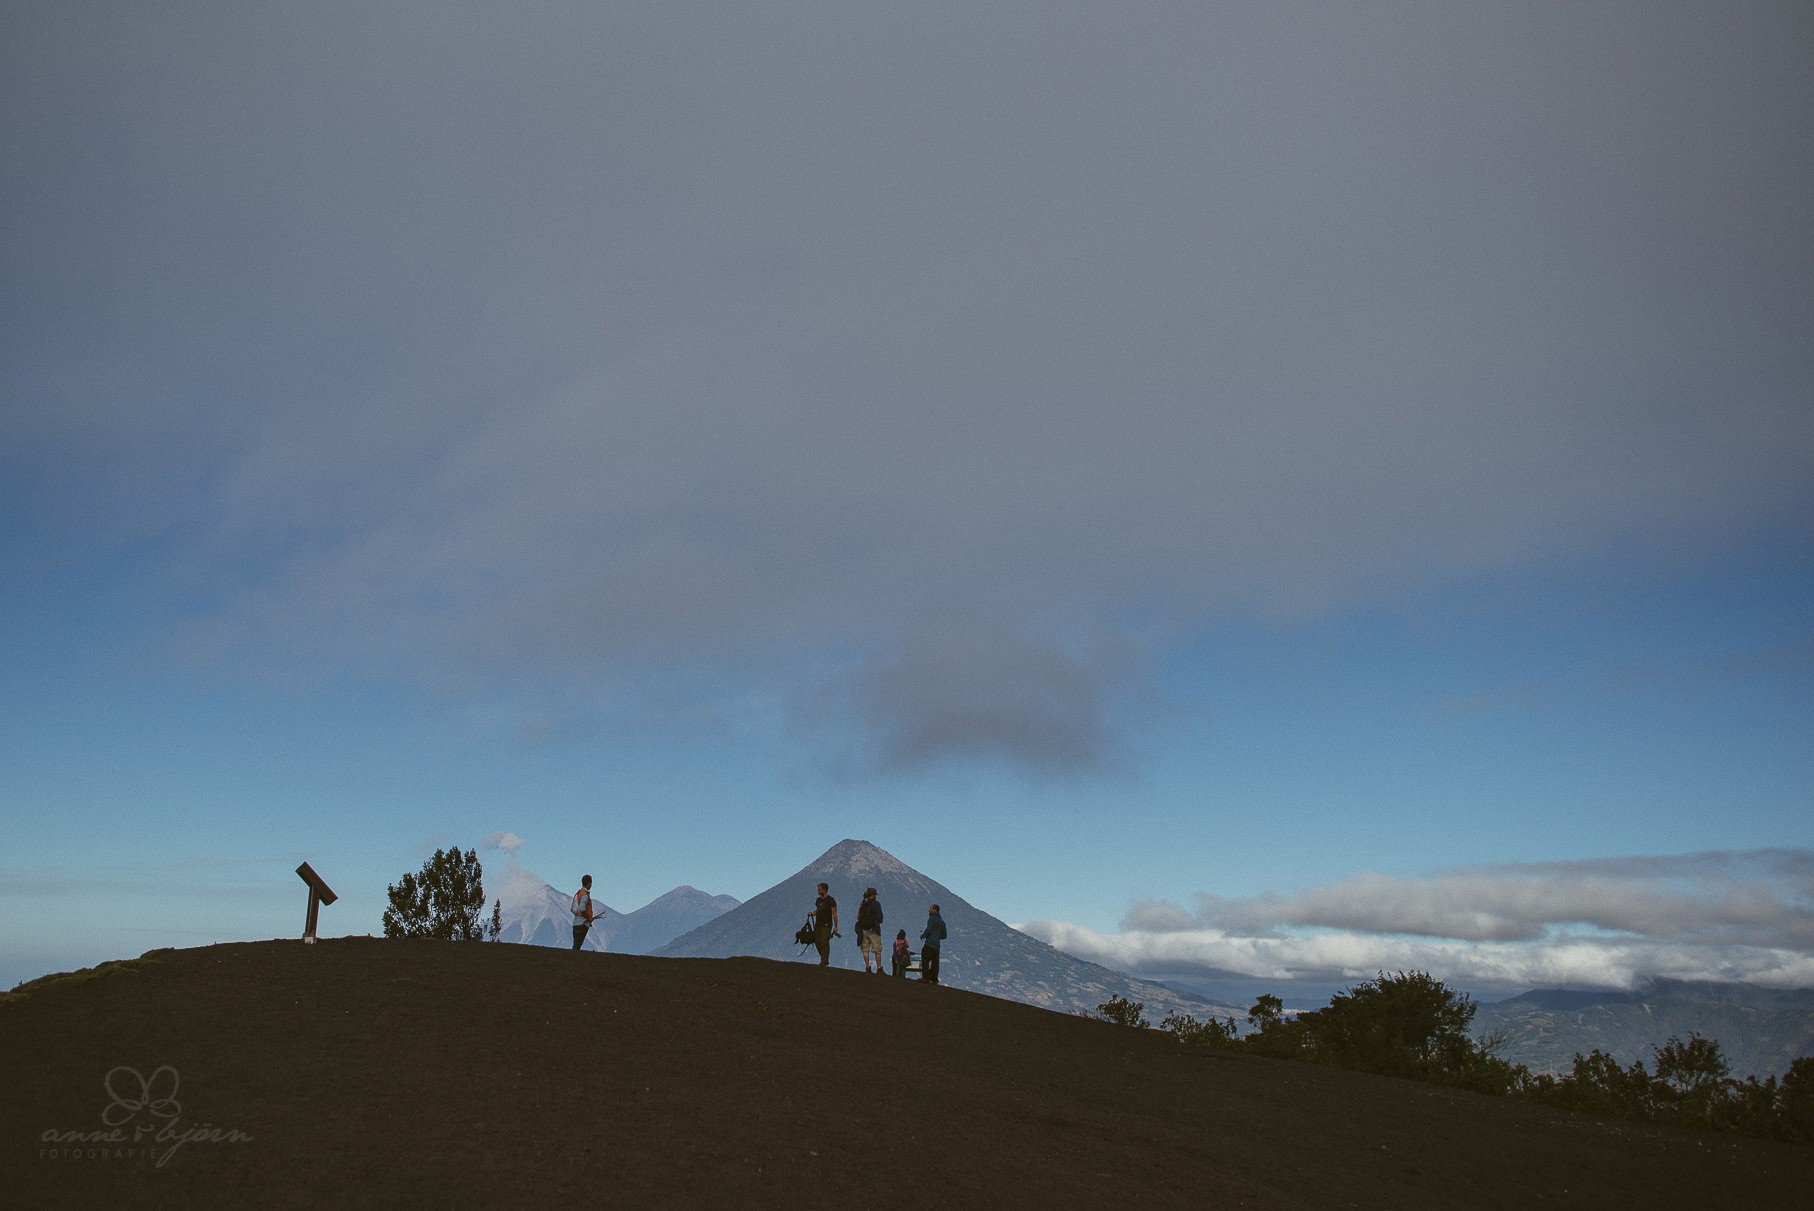 0062 anne und bjoern guatemala d75 9452 - 4 Wochen durch Guatemala - backpacking durch Mittelamerika